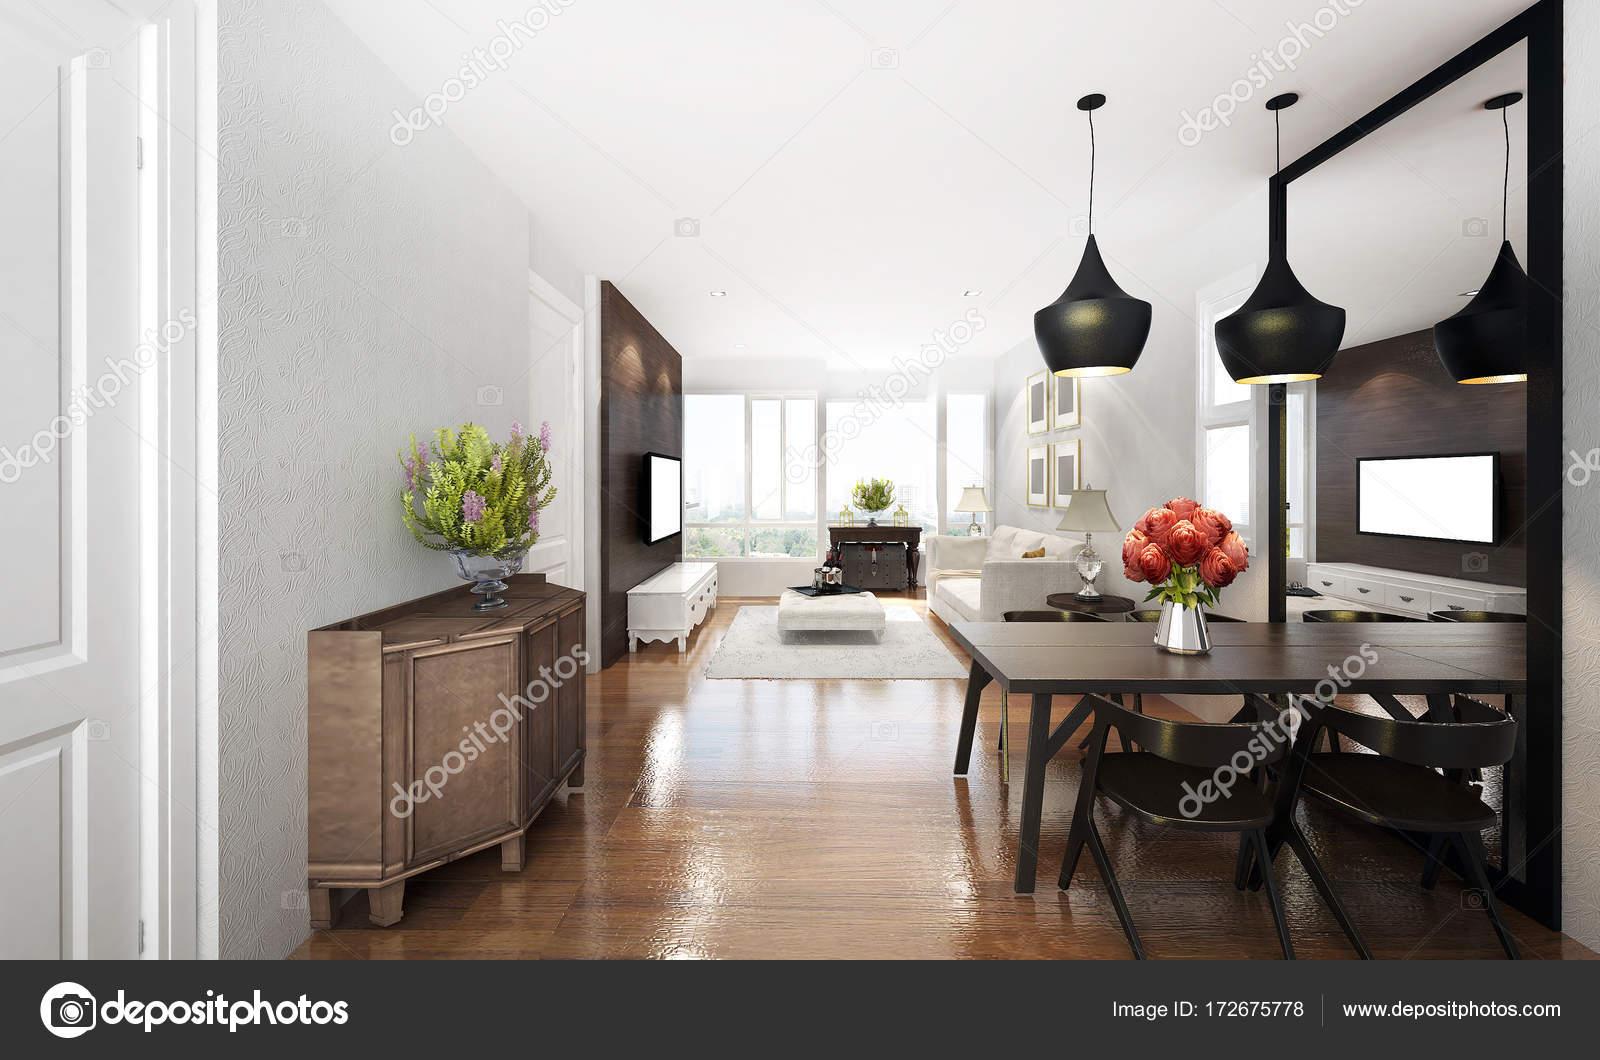 Eetkamer In Woonkamer : Eetkamer en woonkamer interieur design appartement en condo